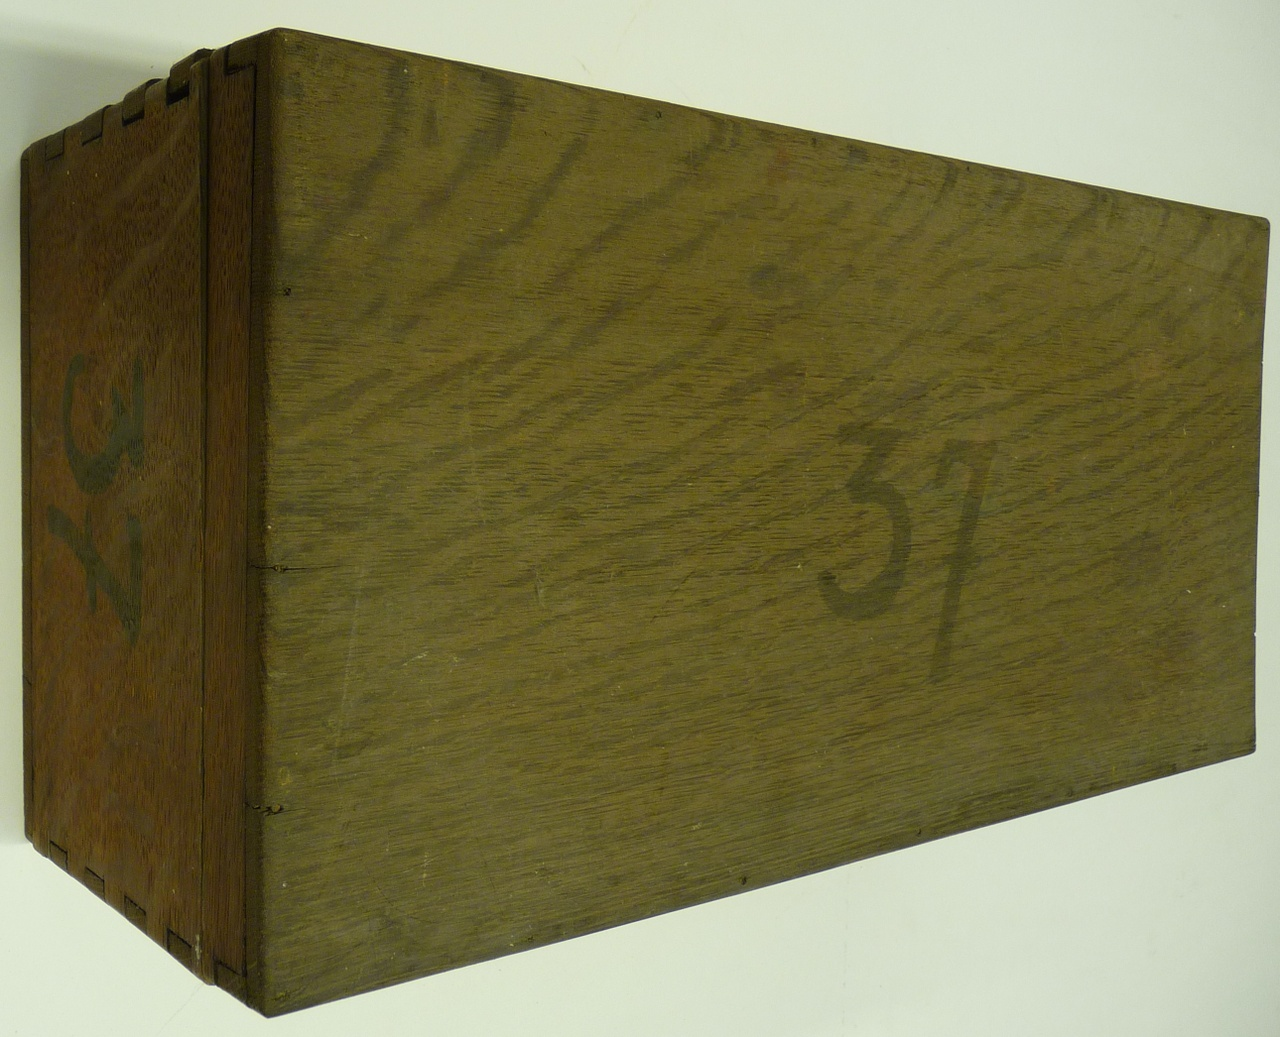 Kist voor glasnegatieven met nummer 37.